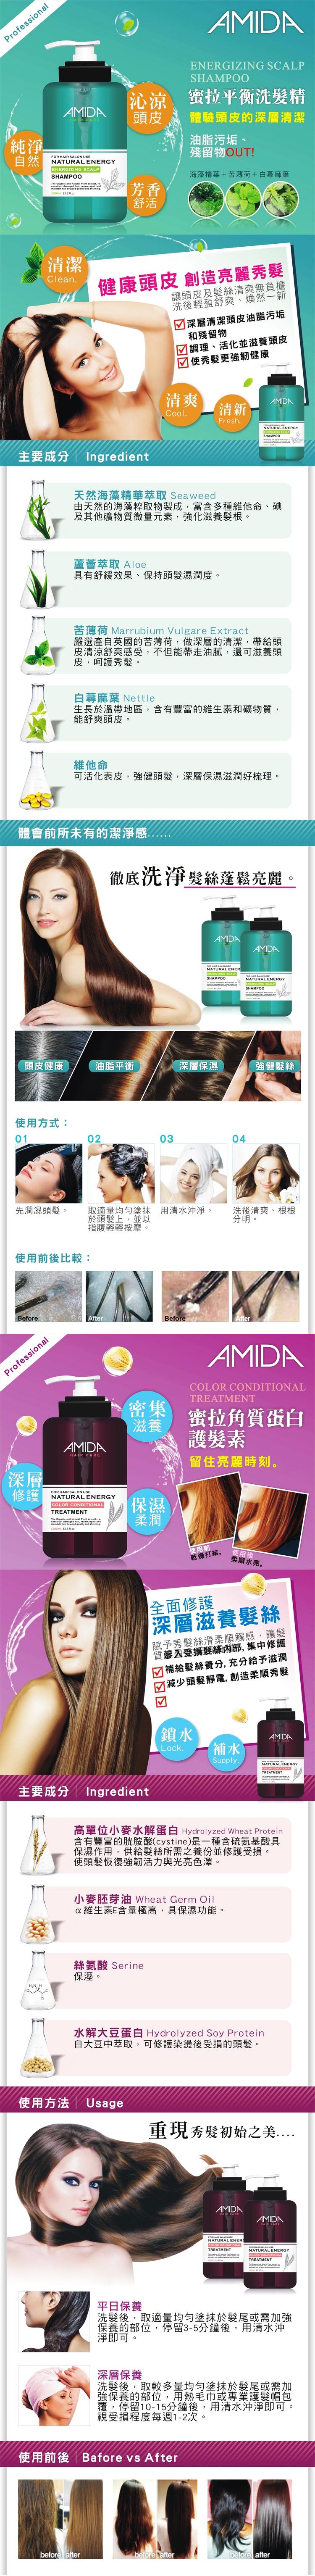 保濕 洗髮精 護髮乳 洗髮精 頭髮護理 保濕 洗髮精 滋養